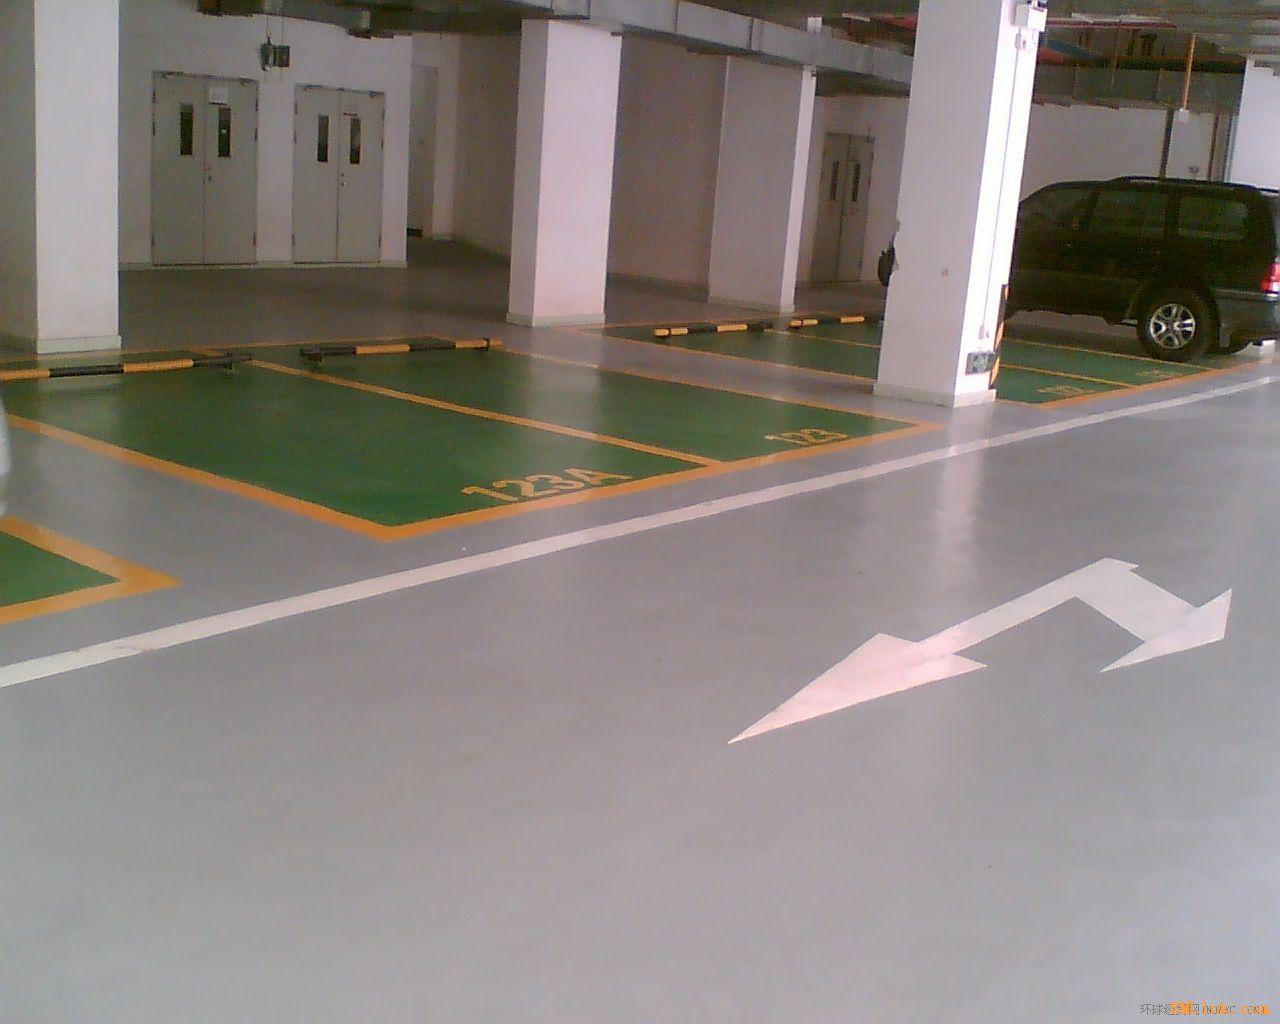 厂家直销环保油漆涂料、金刚砂耐磨涂料、混凝土密封固化剂涂料